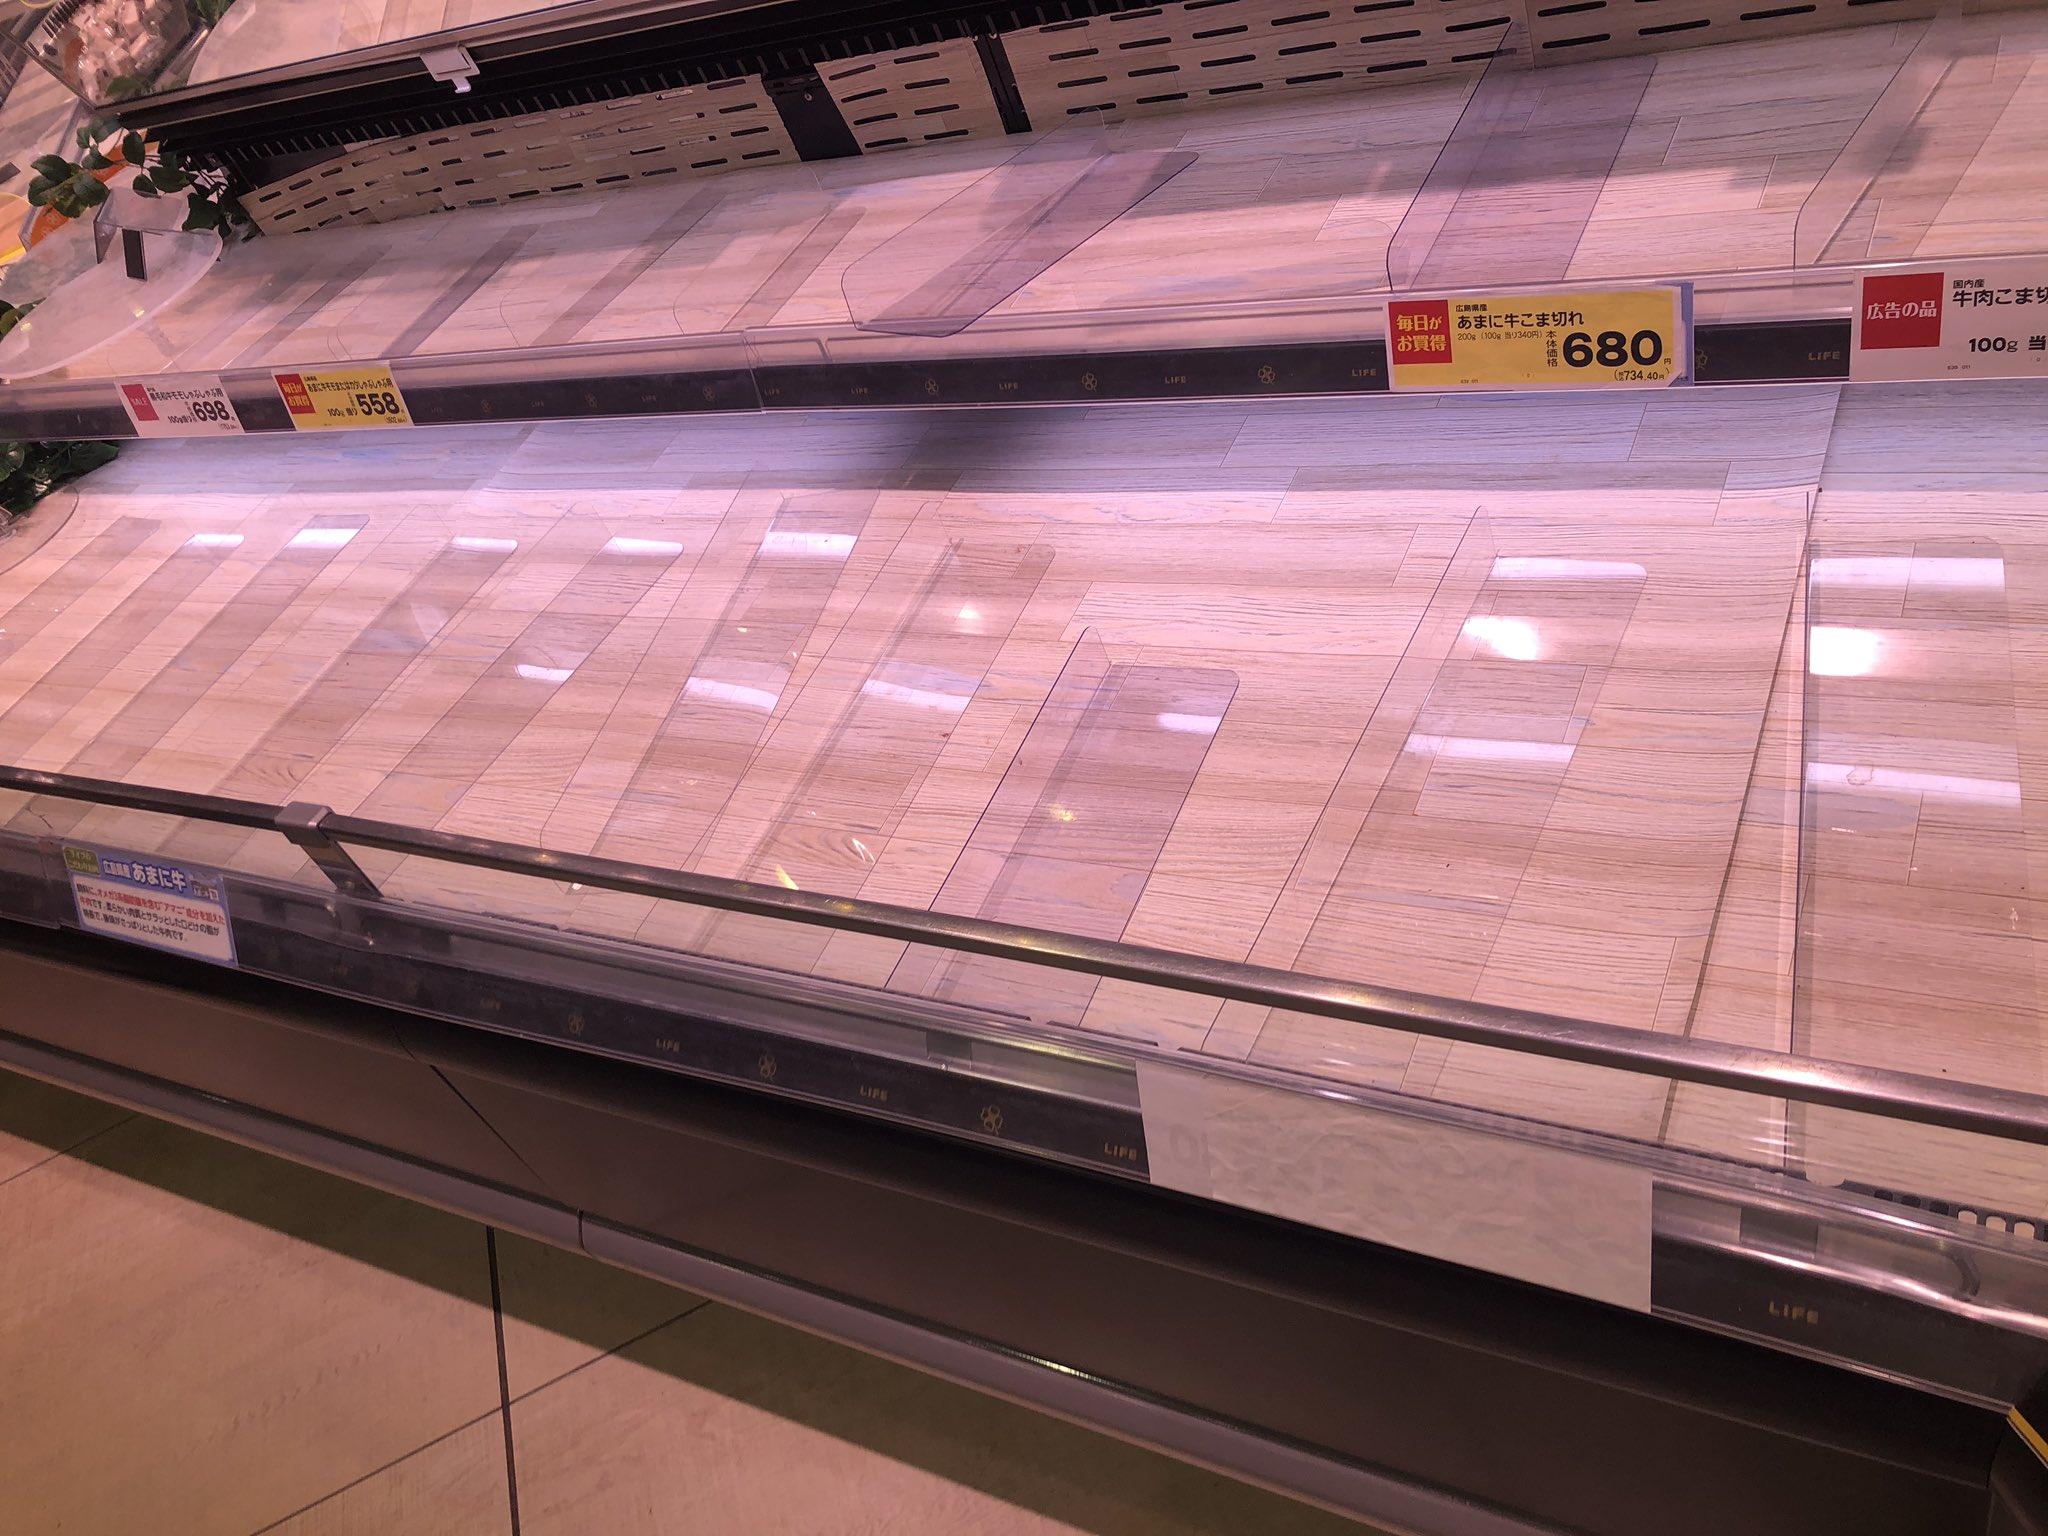 東京都内のスーパーの肉が売り切れ状態になっている画像